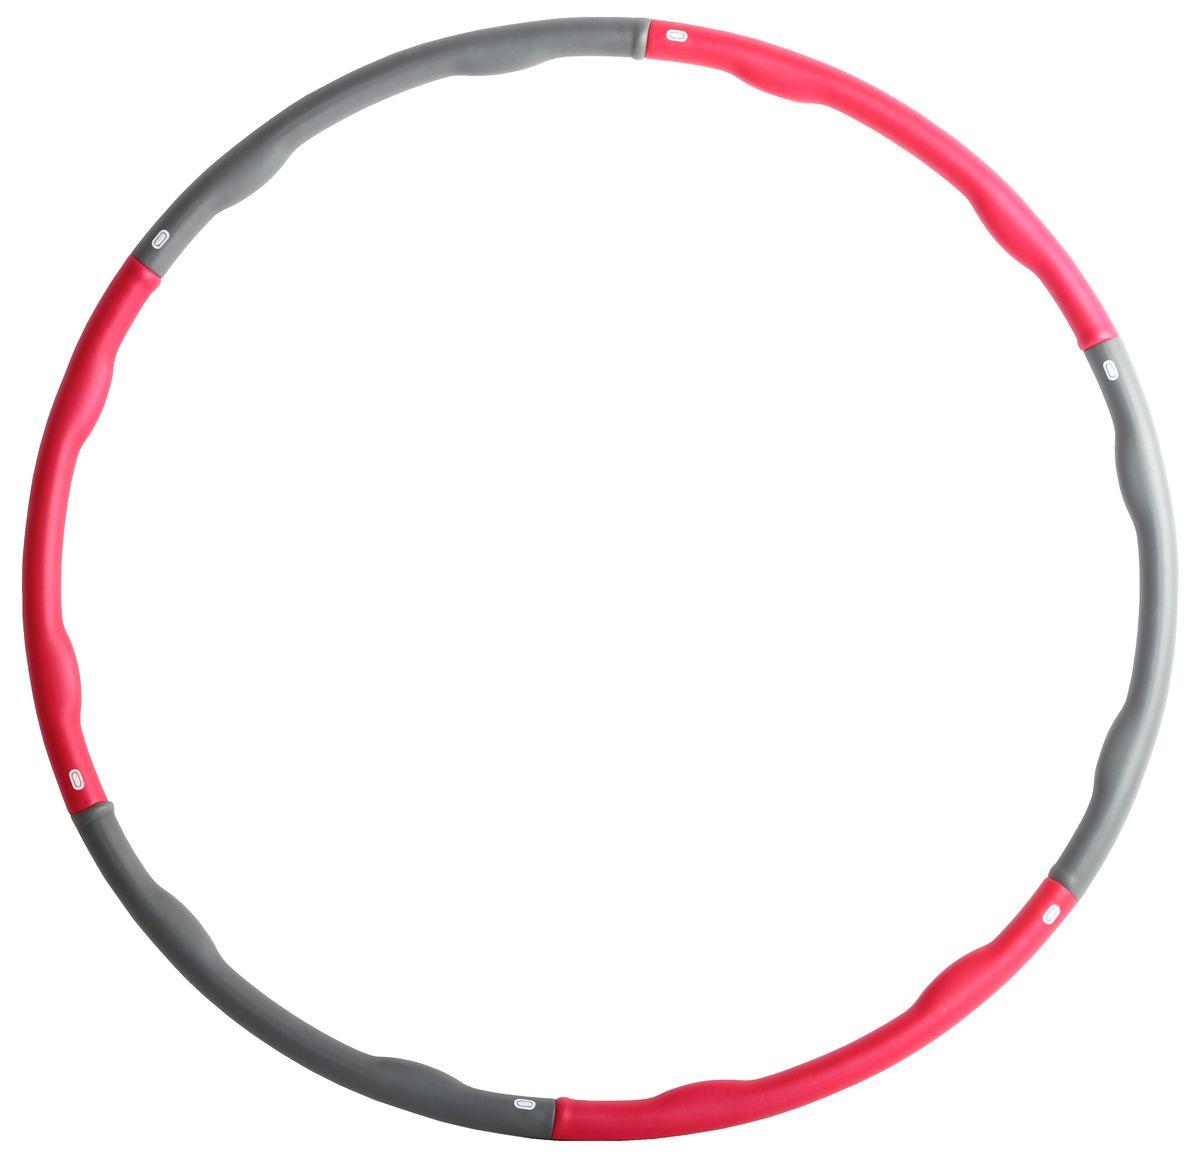 Обруч массажный Alonsa, цвет: серый/фуксия, HP-813014156764Обруч массажный Alonsa HP-81301. Обруч разборный, из 6 секций. Материал: полипропилен. Диаметр: 100 см. Вес: 1300 г.